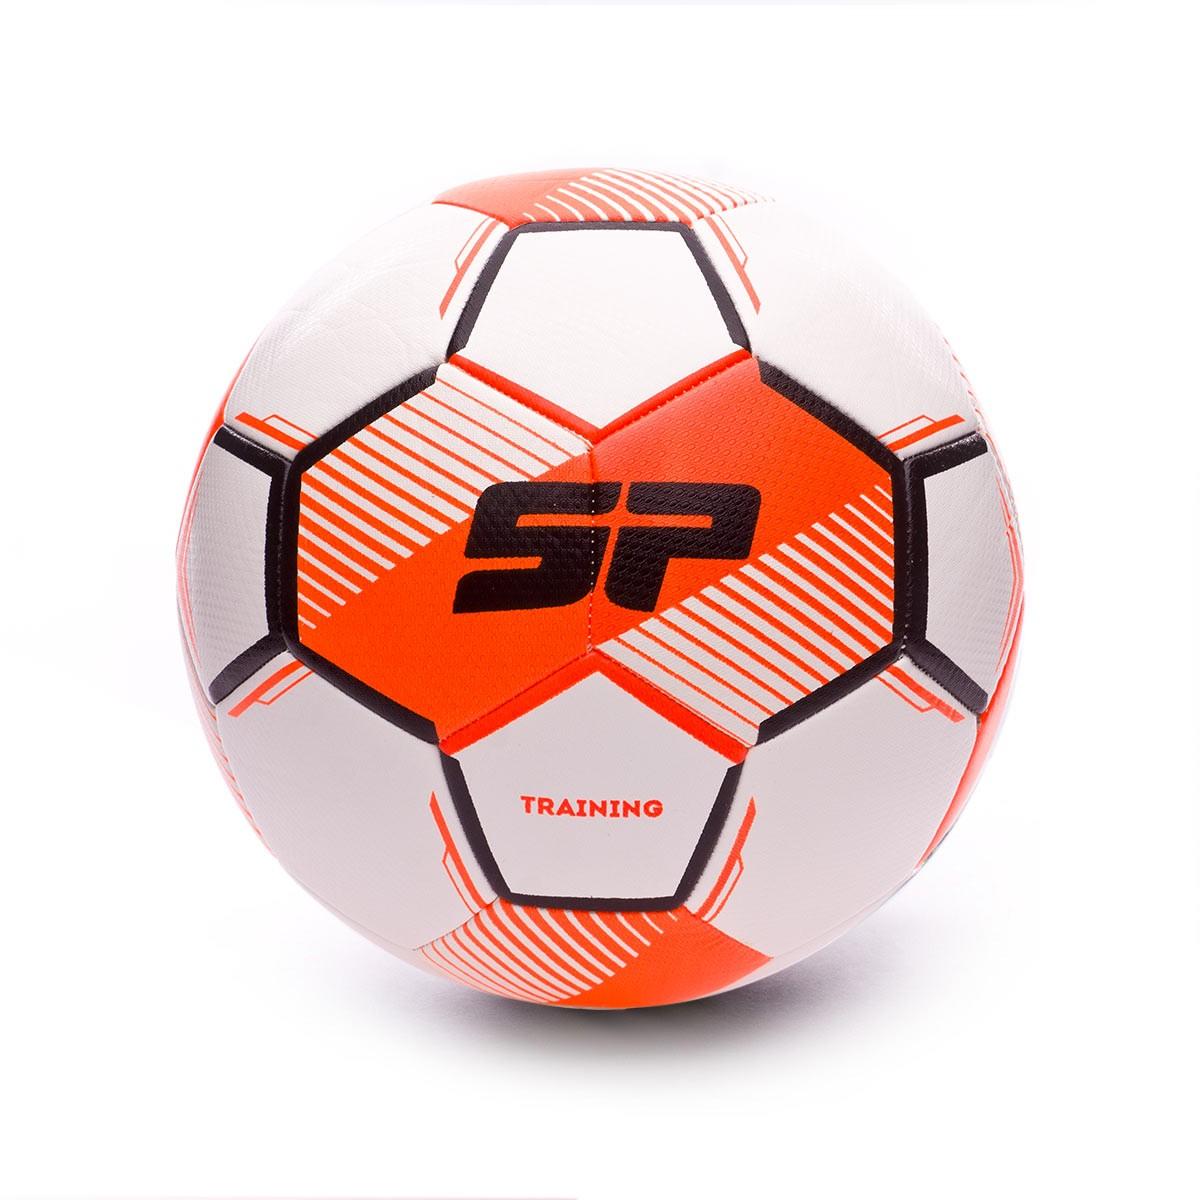 ... Balón SP Training Naranja. Categorías del Balón. Accesorios de fútbol 45726cf04d24f